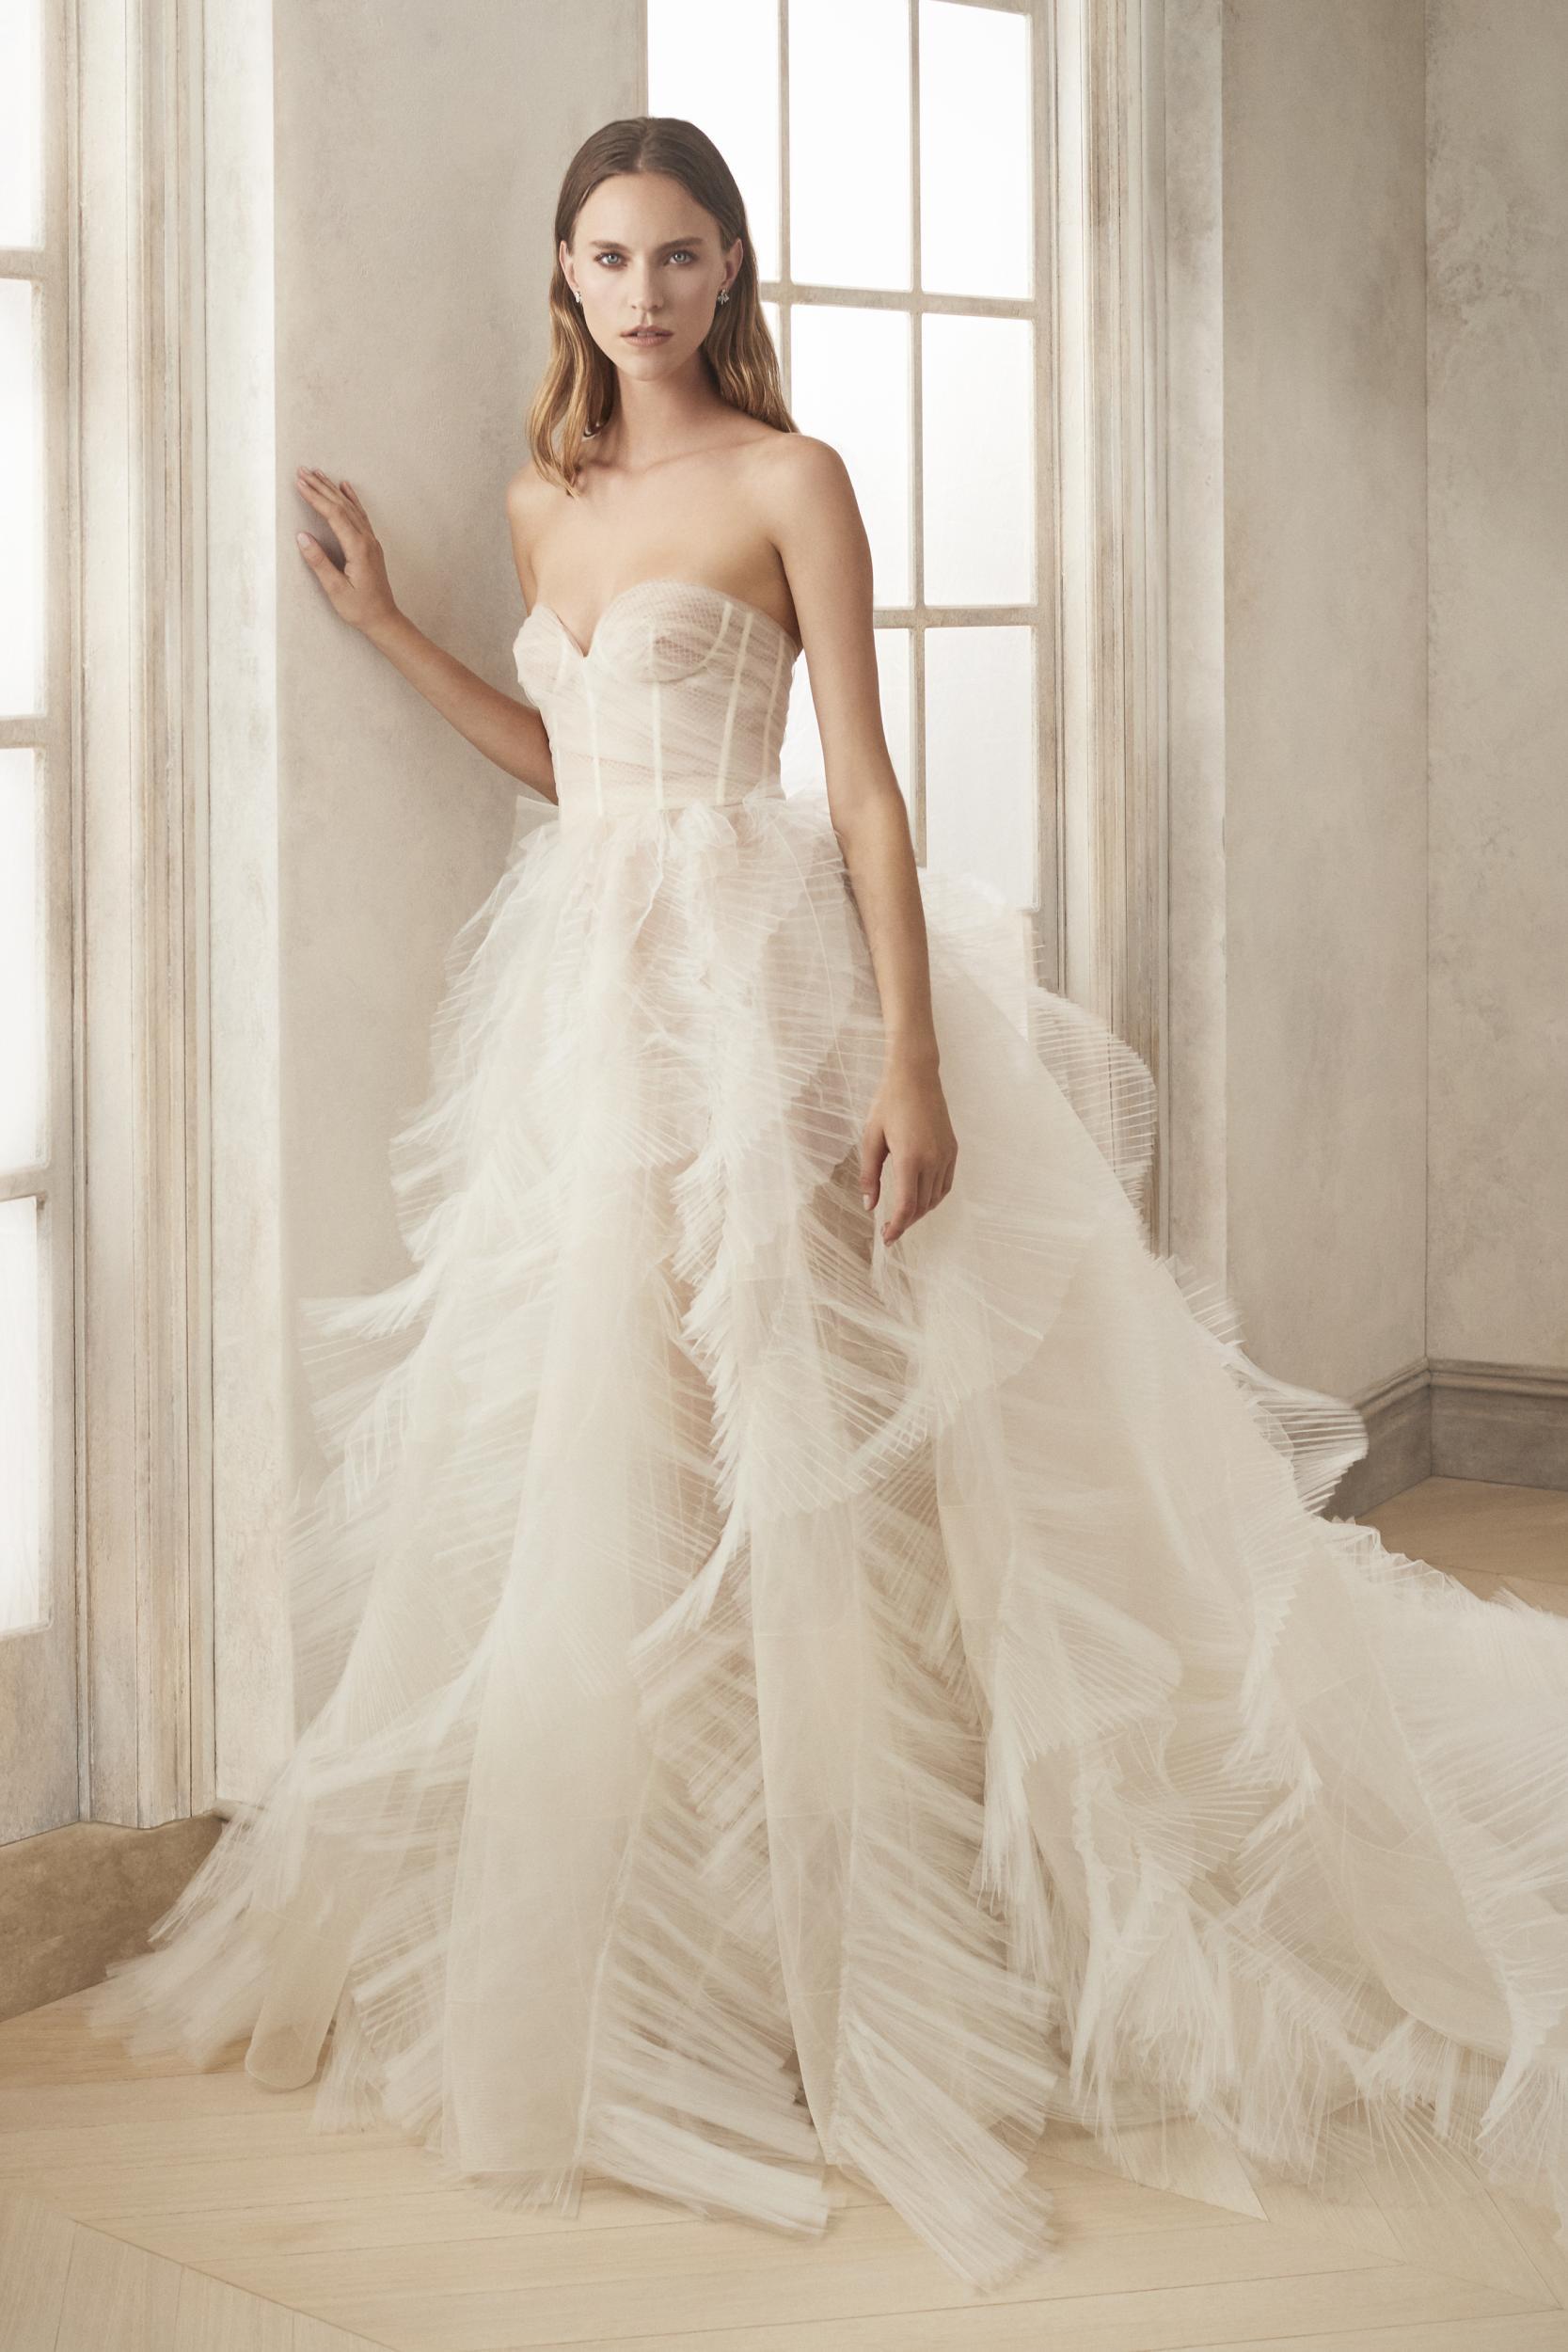 Gaun panjang berkonsep bulu angsa